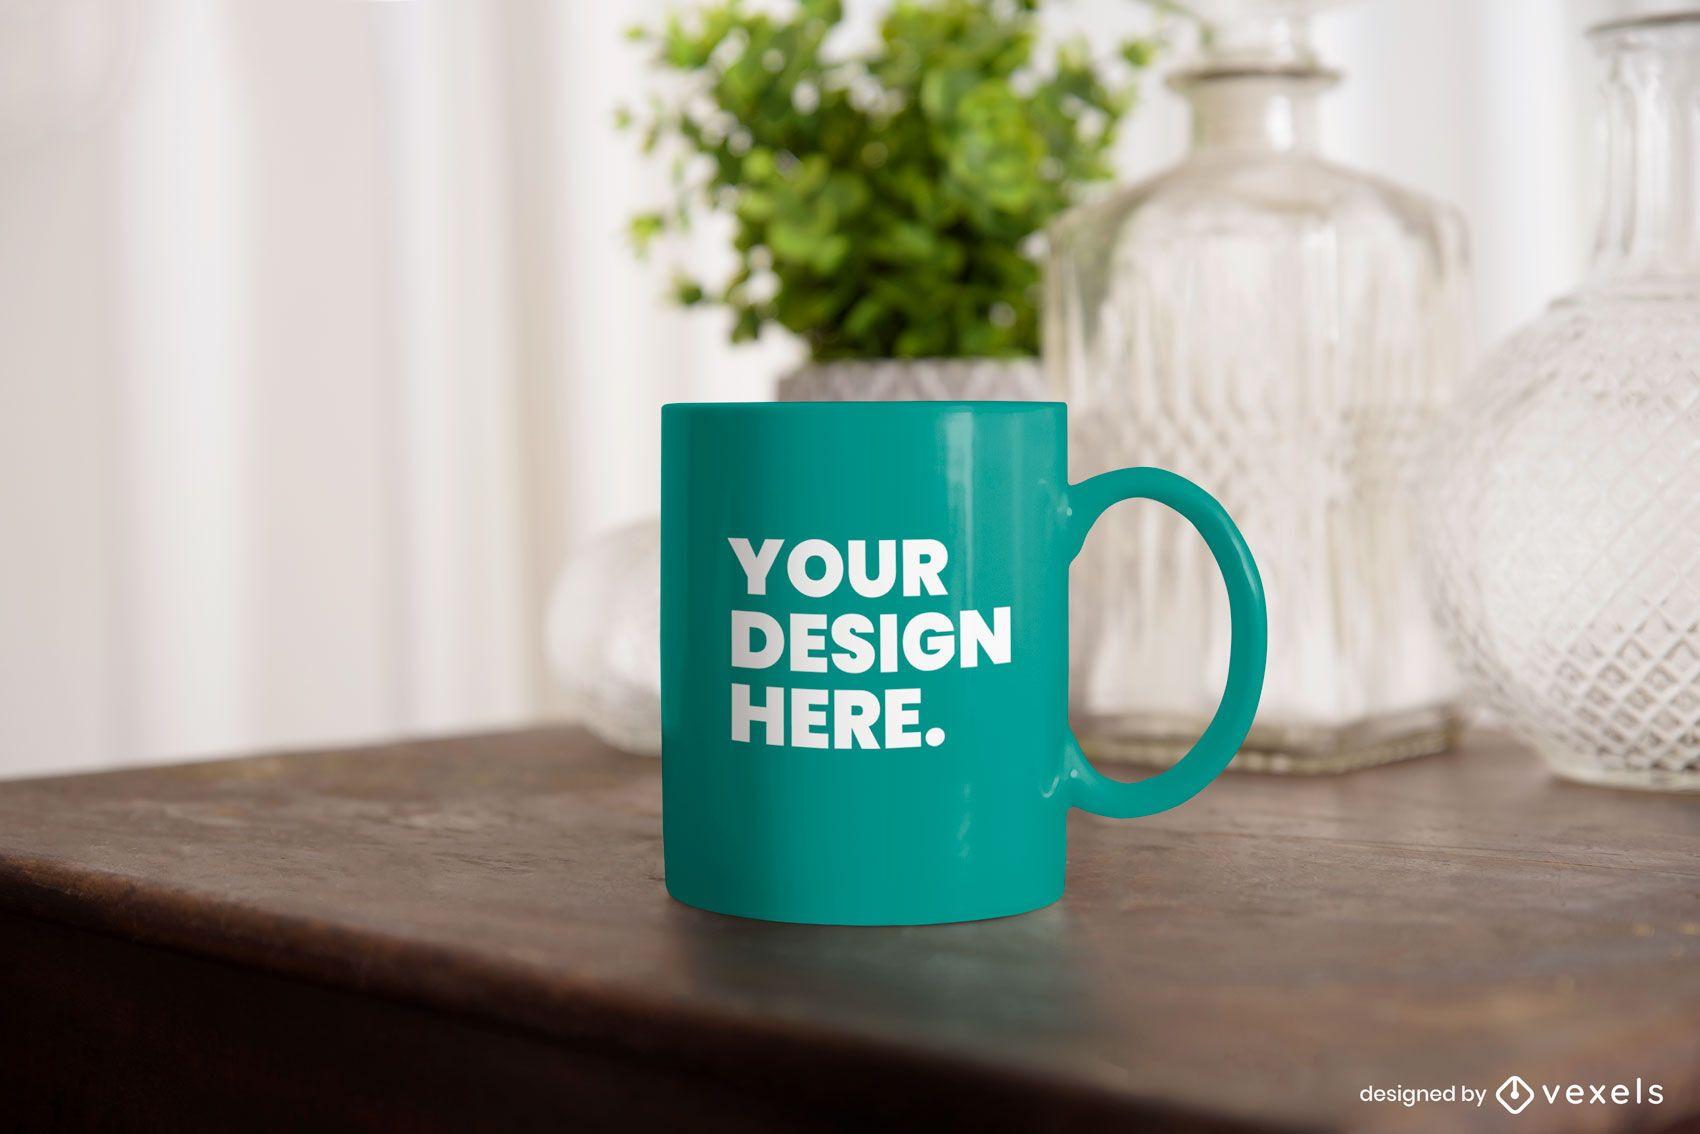 Mug table mockup psd design